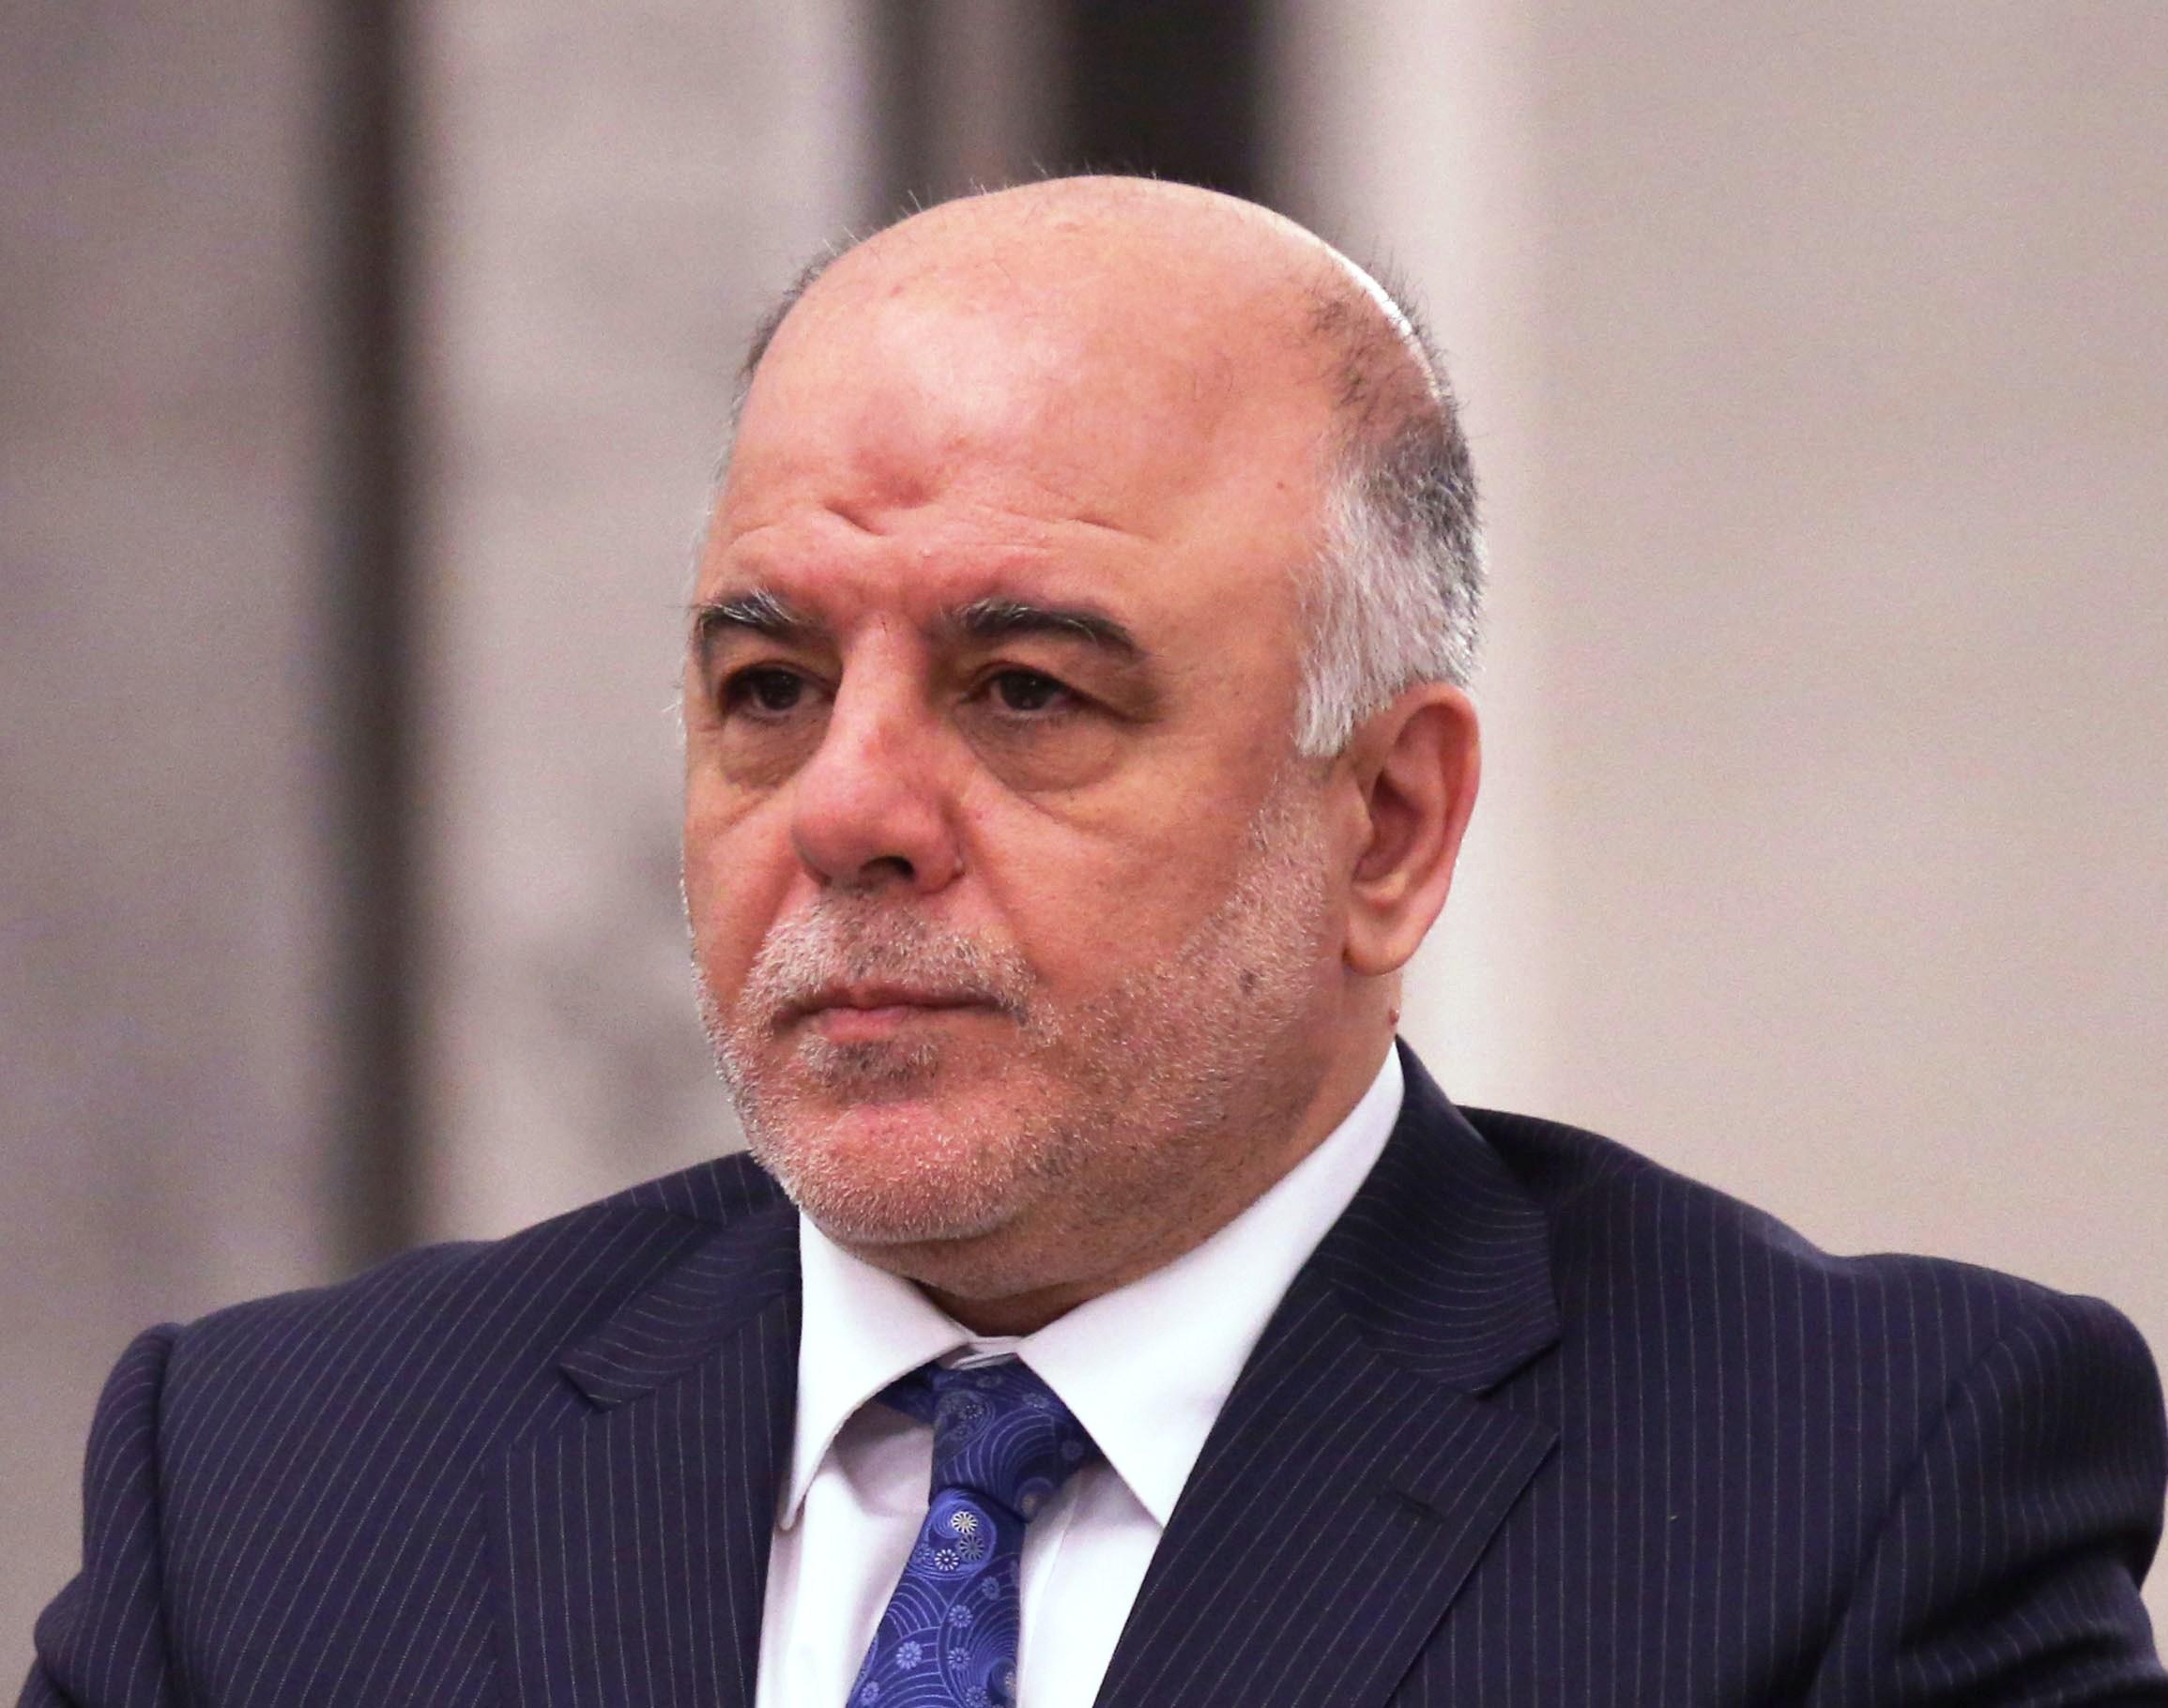 العبادي : هناك حملة تحاول الايقاع بين العرب والكرد